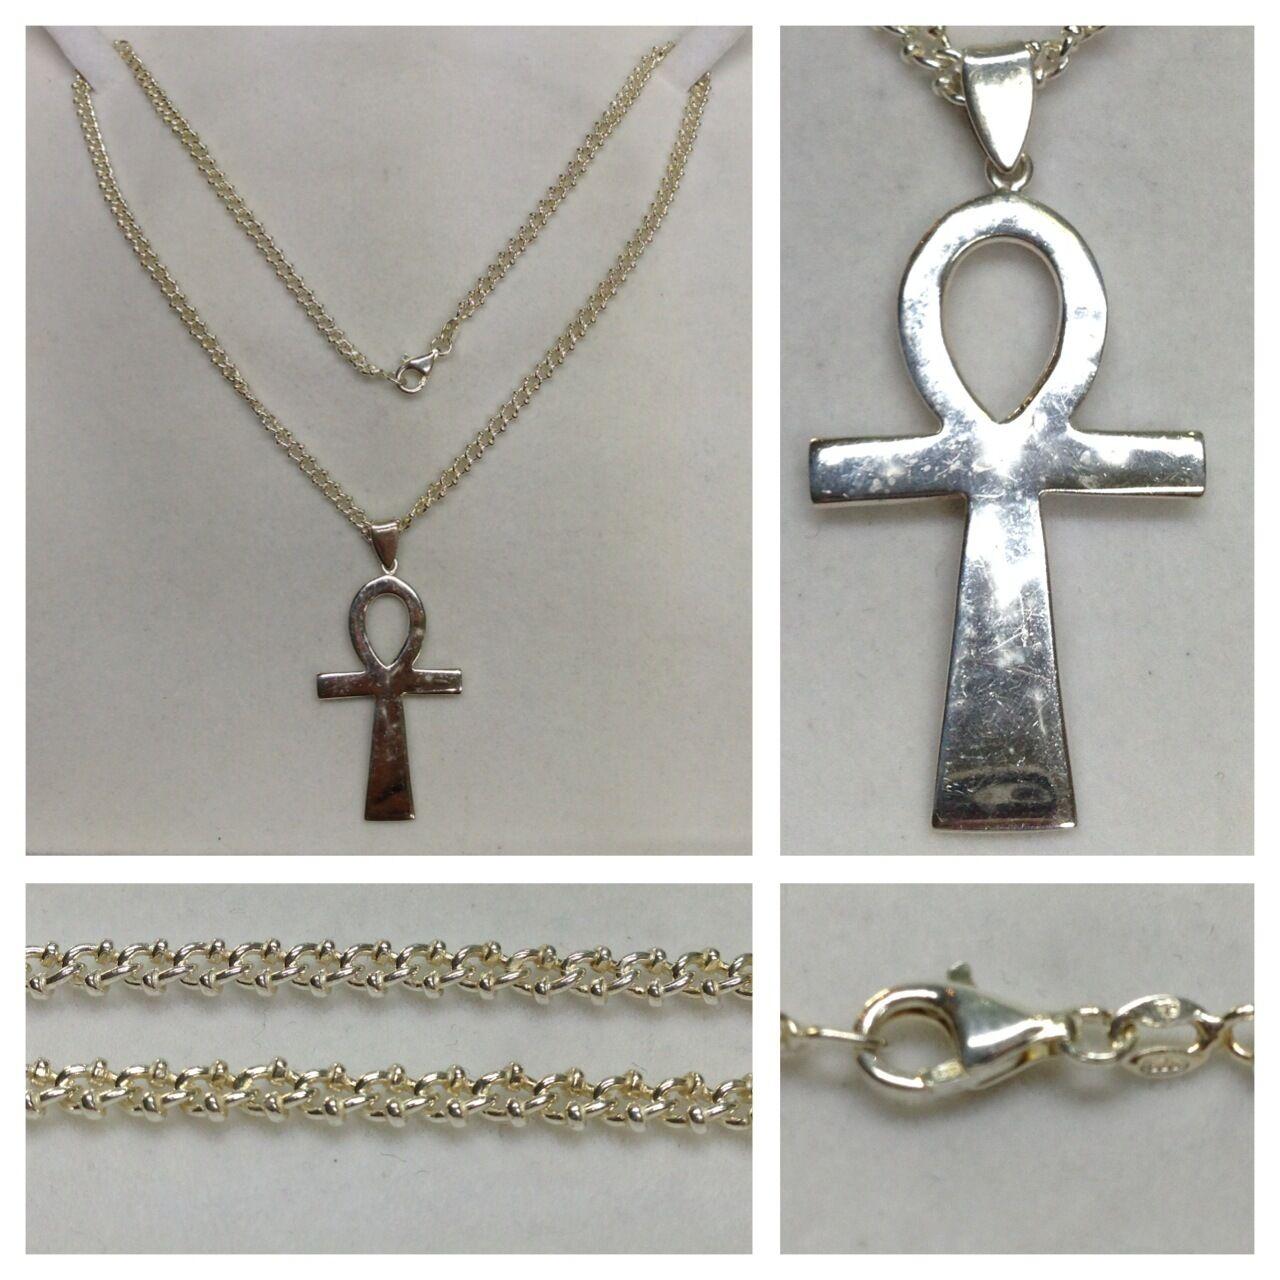 Ancho Collar Collar 925 silver Cadena de silver con Cruz Colgante Joyería silver